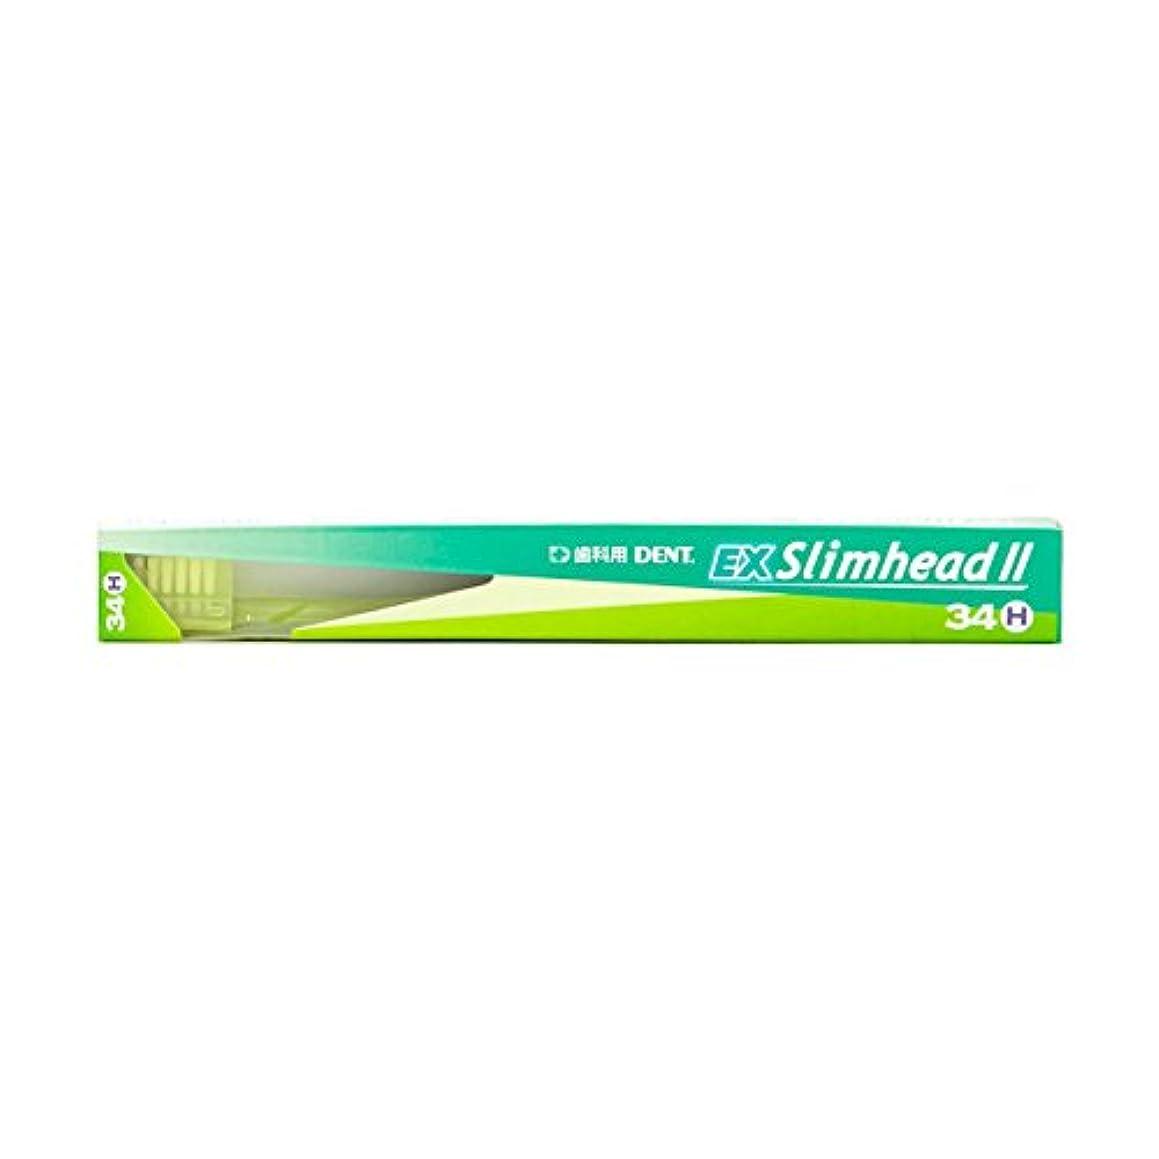 アリーナミュウミュウボンドライオン DENT.(デント) EXスリムヘッドツー 34H ハード 歯ブラシ 1本